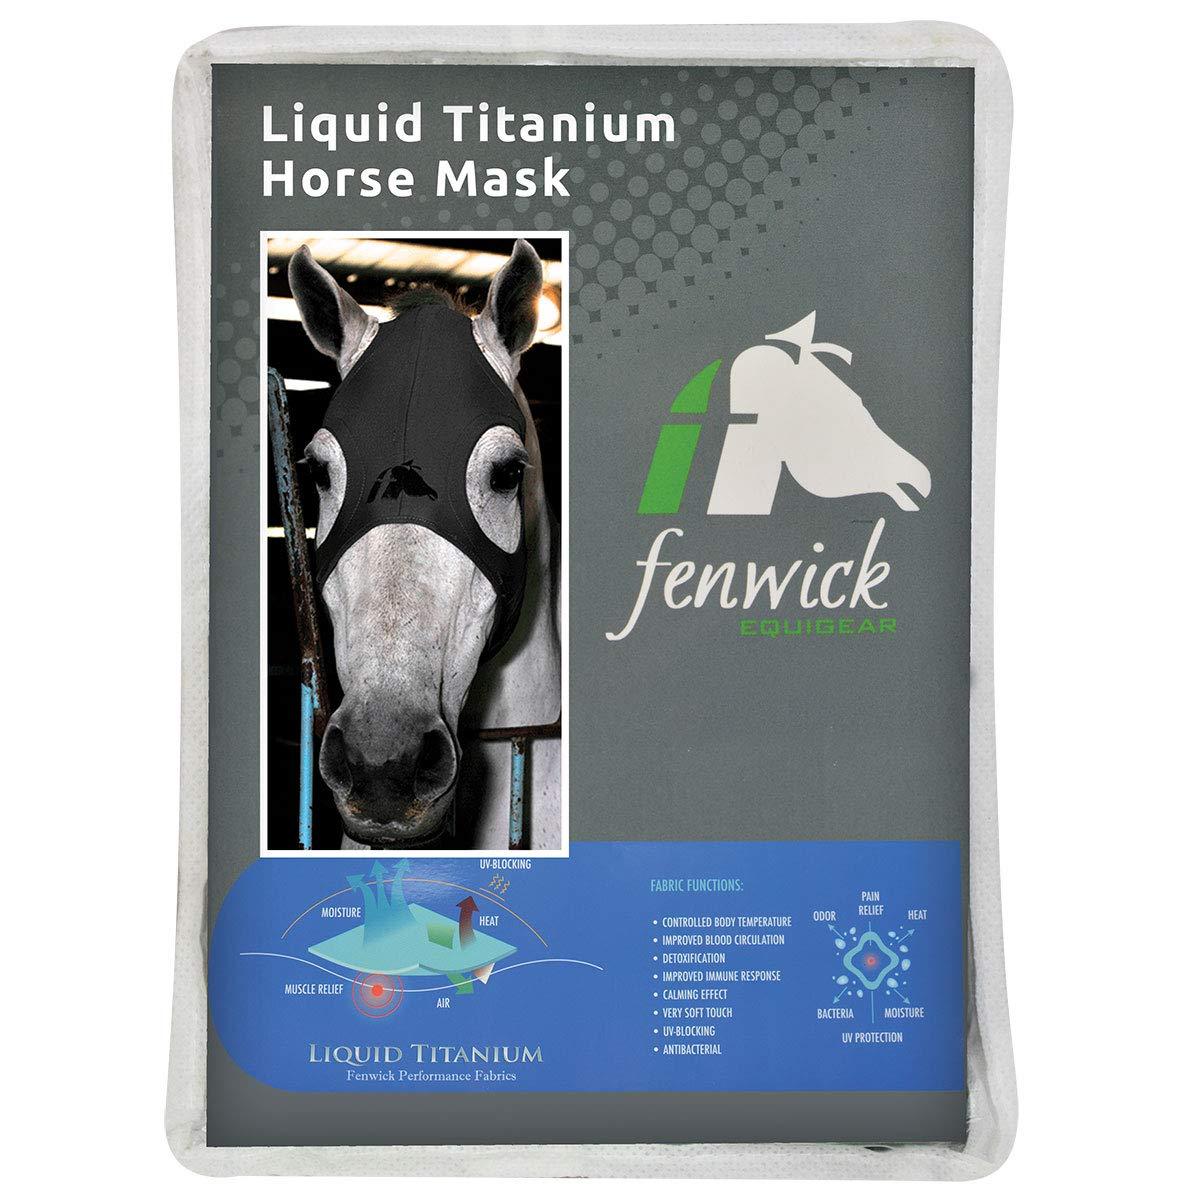 Fenwick Liquid Titanium Therapeutic Horse Mask - Large - Black